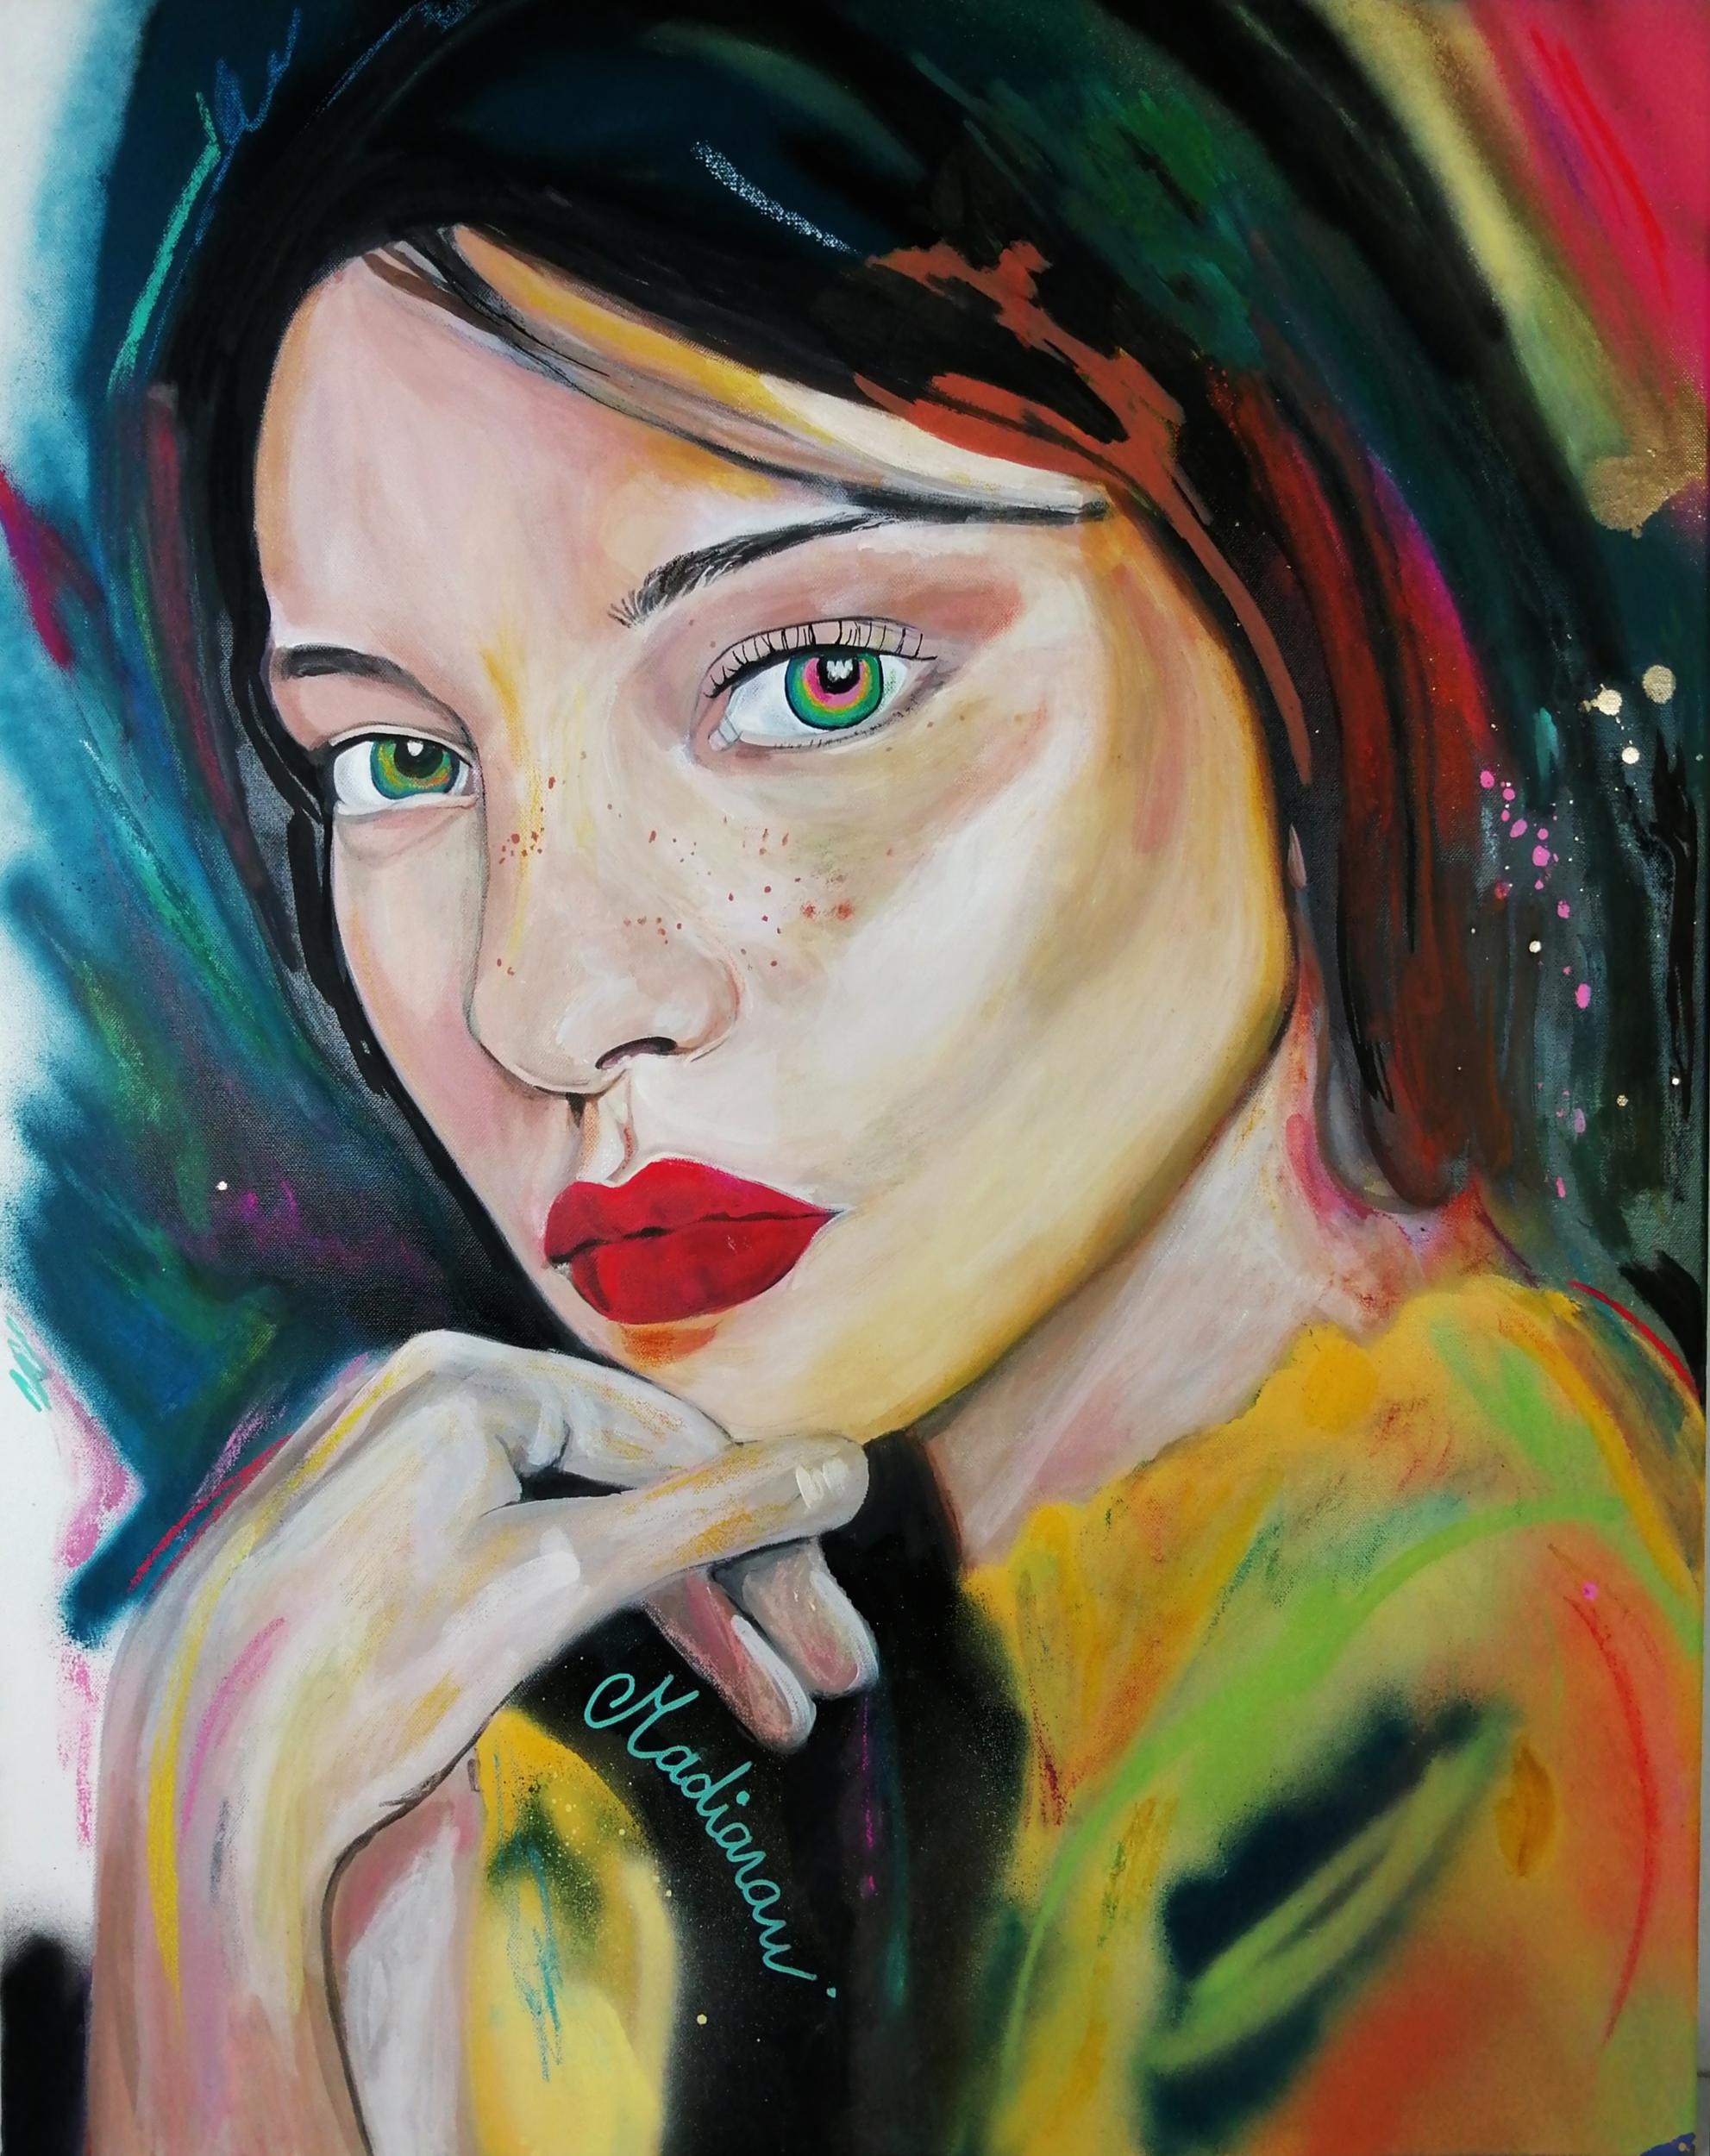 affiche art contemporain portrait femme multicolore home sweet home 2